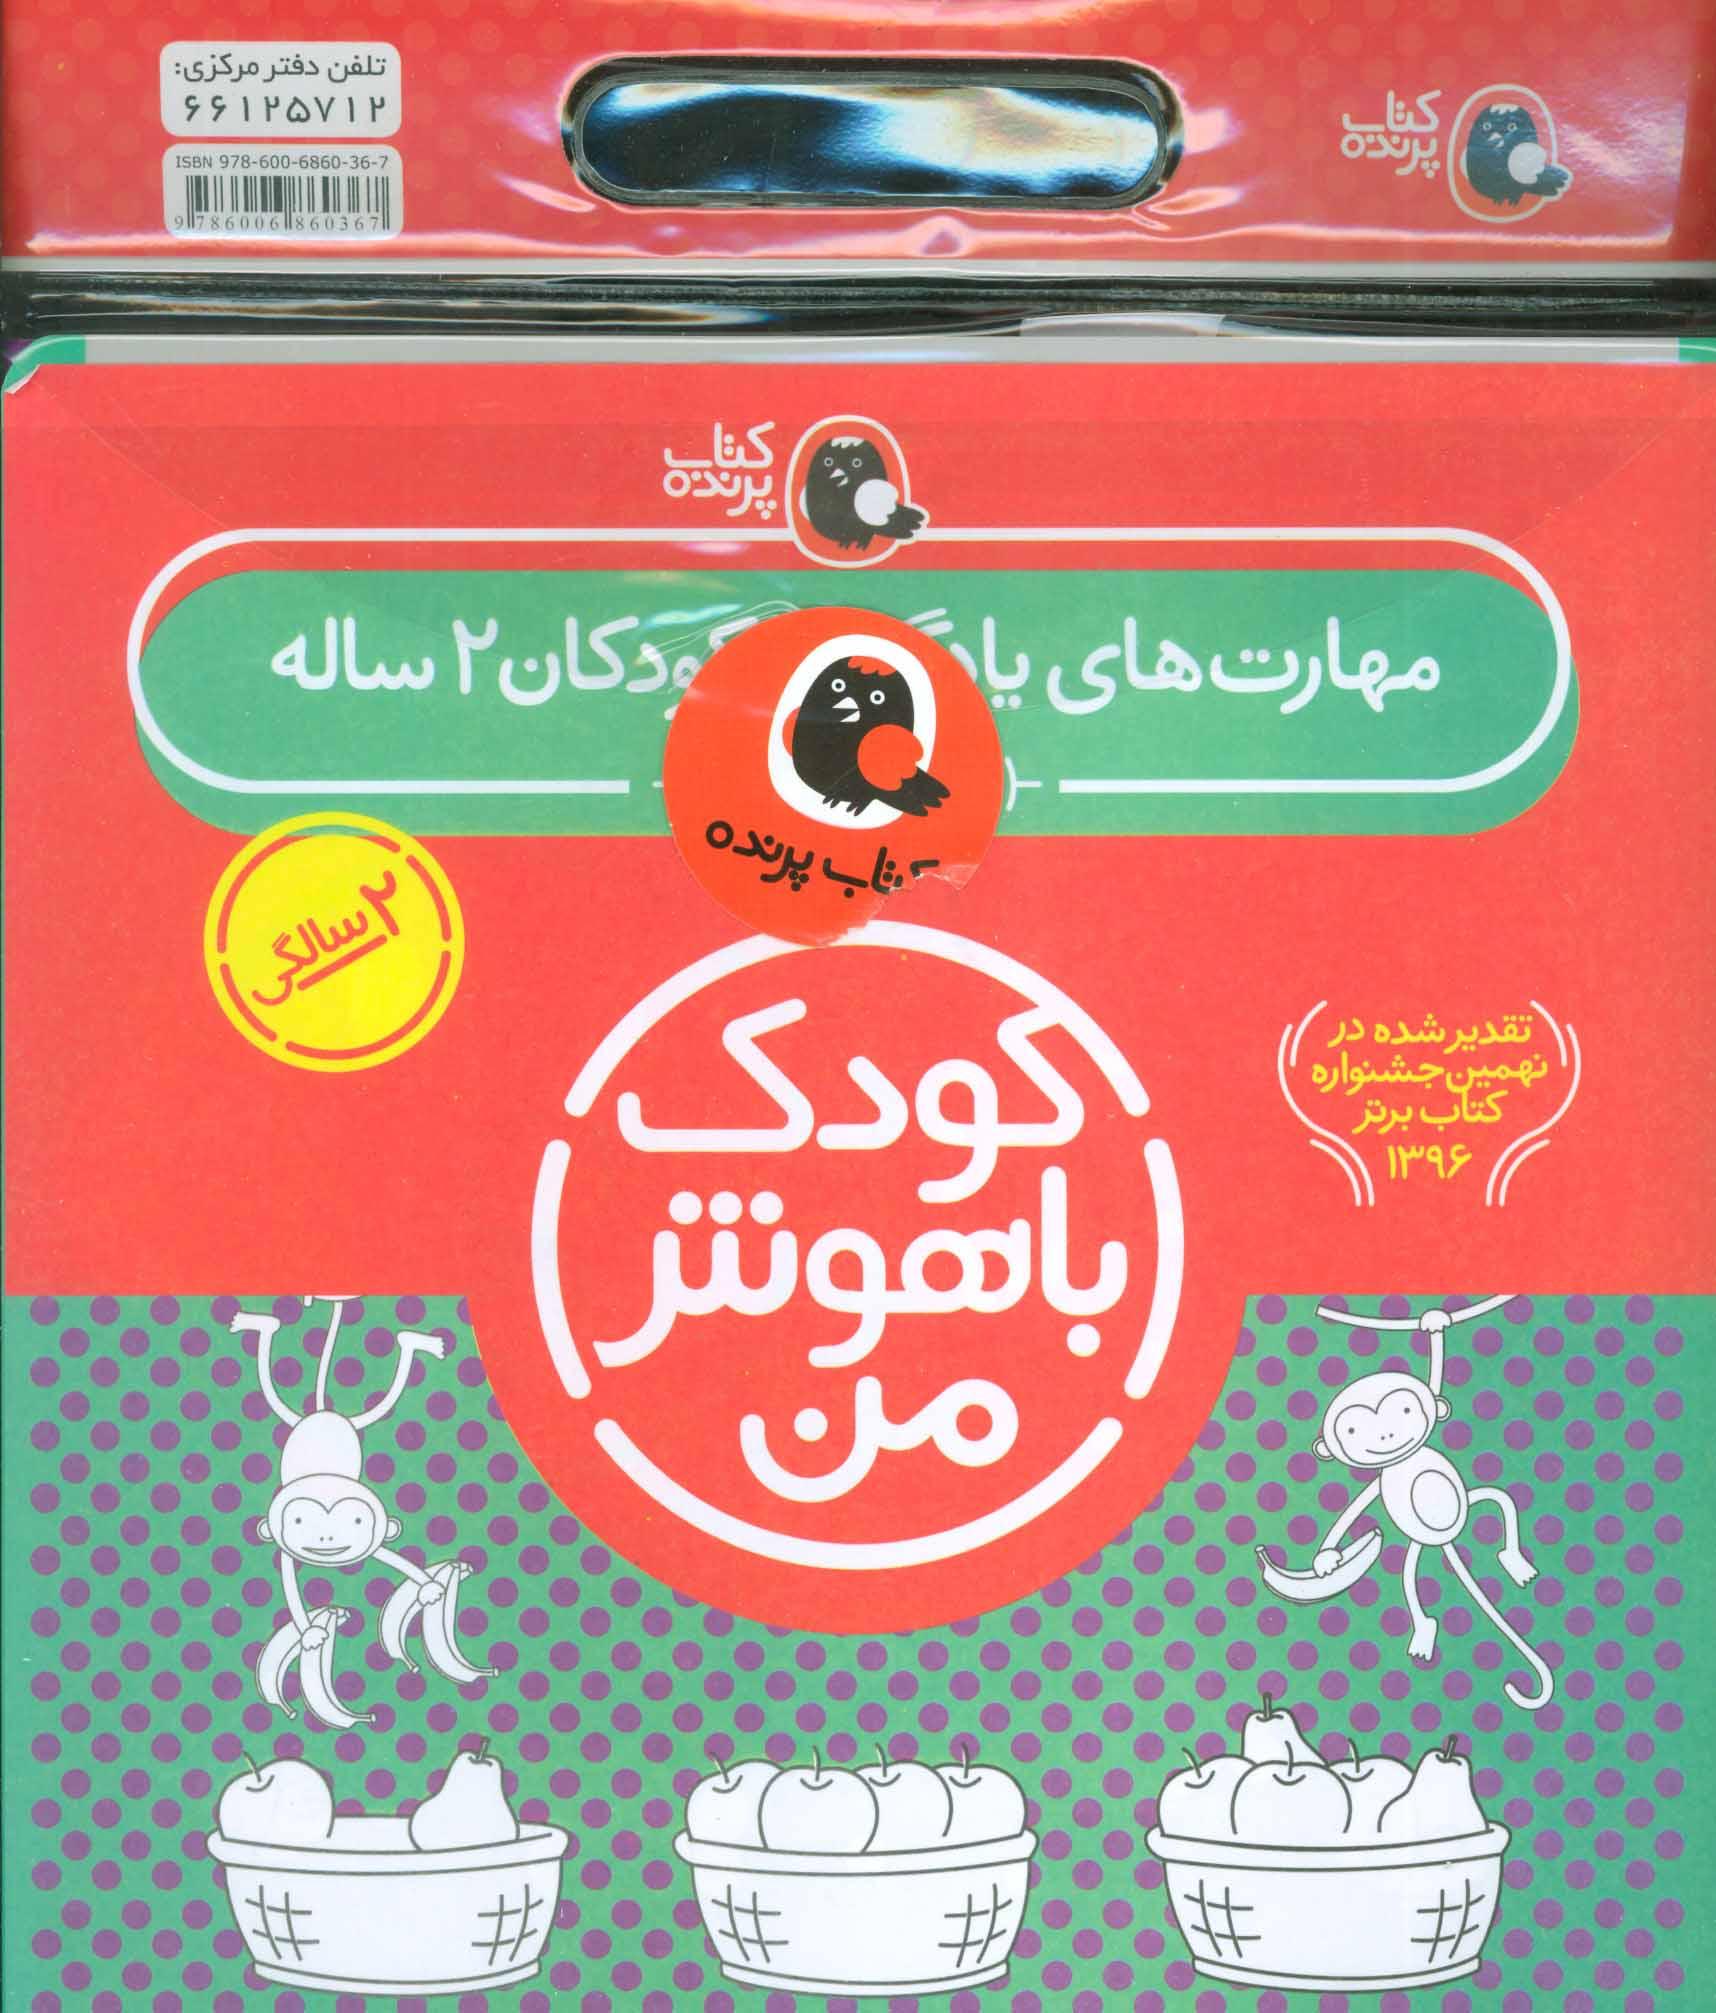 مجموعه کودک باهوش من (مهارت های یادگیری کودکان 2 ساله)،(6جلدی)